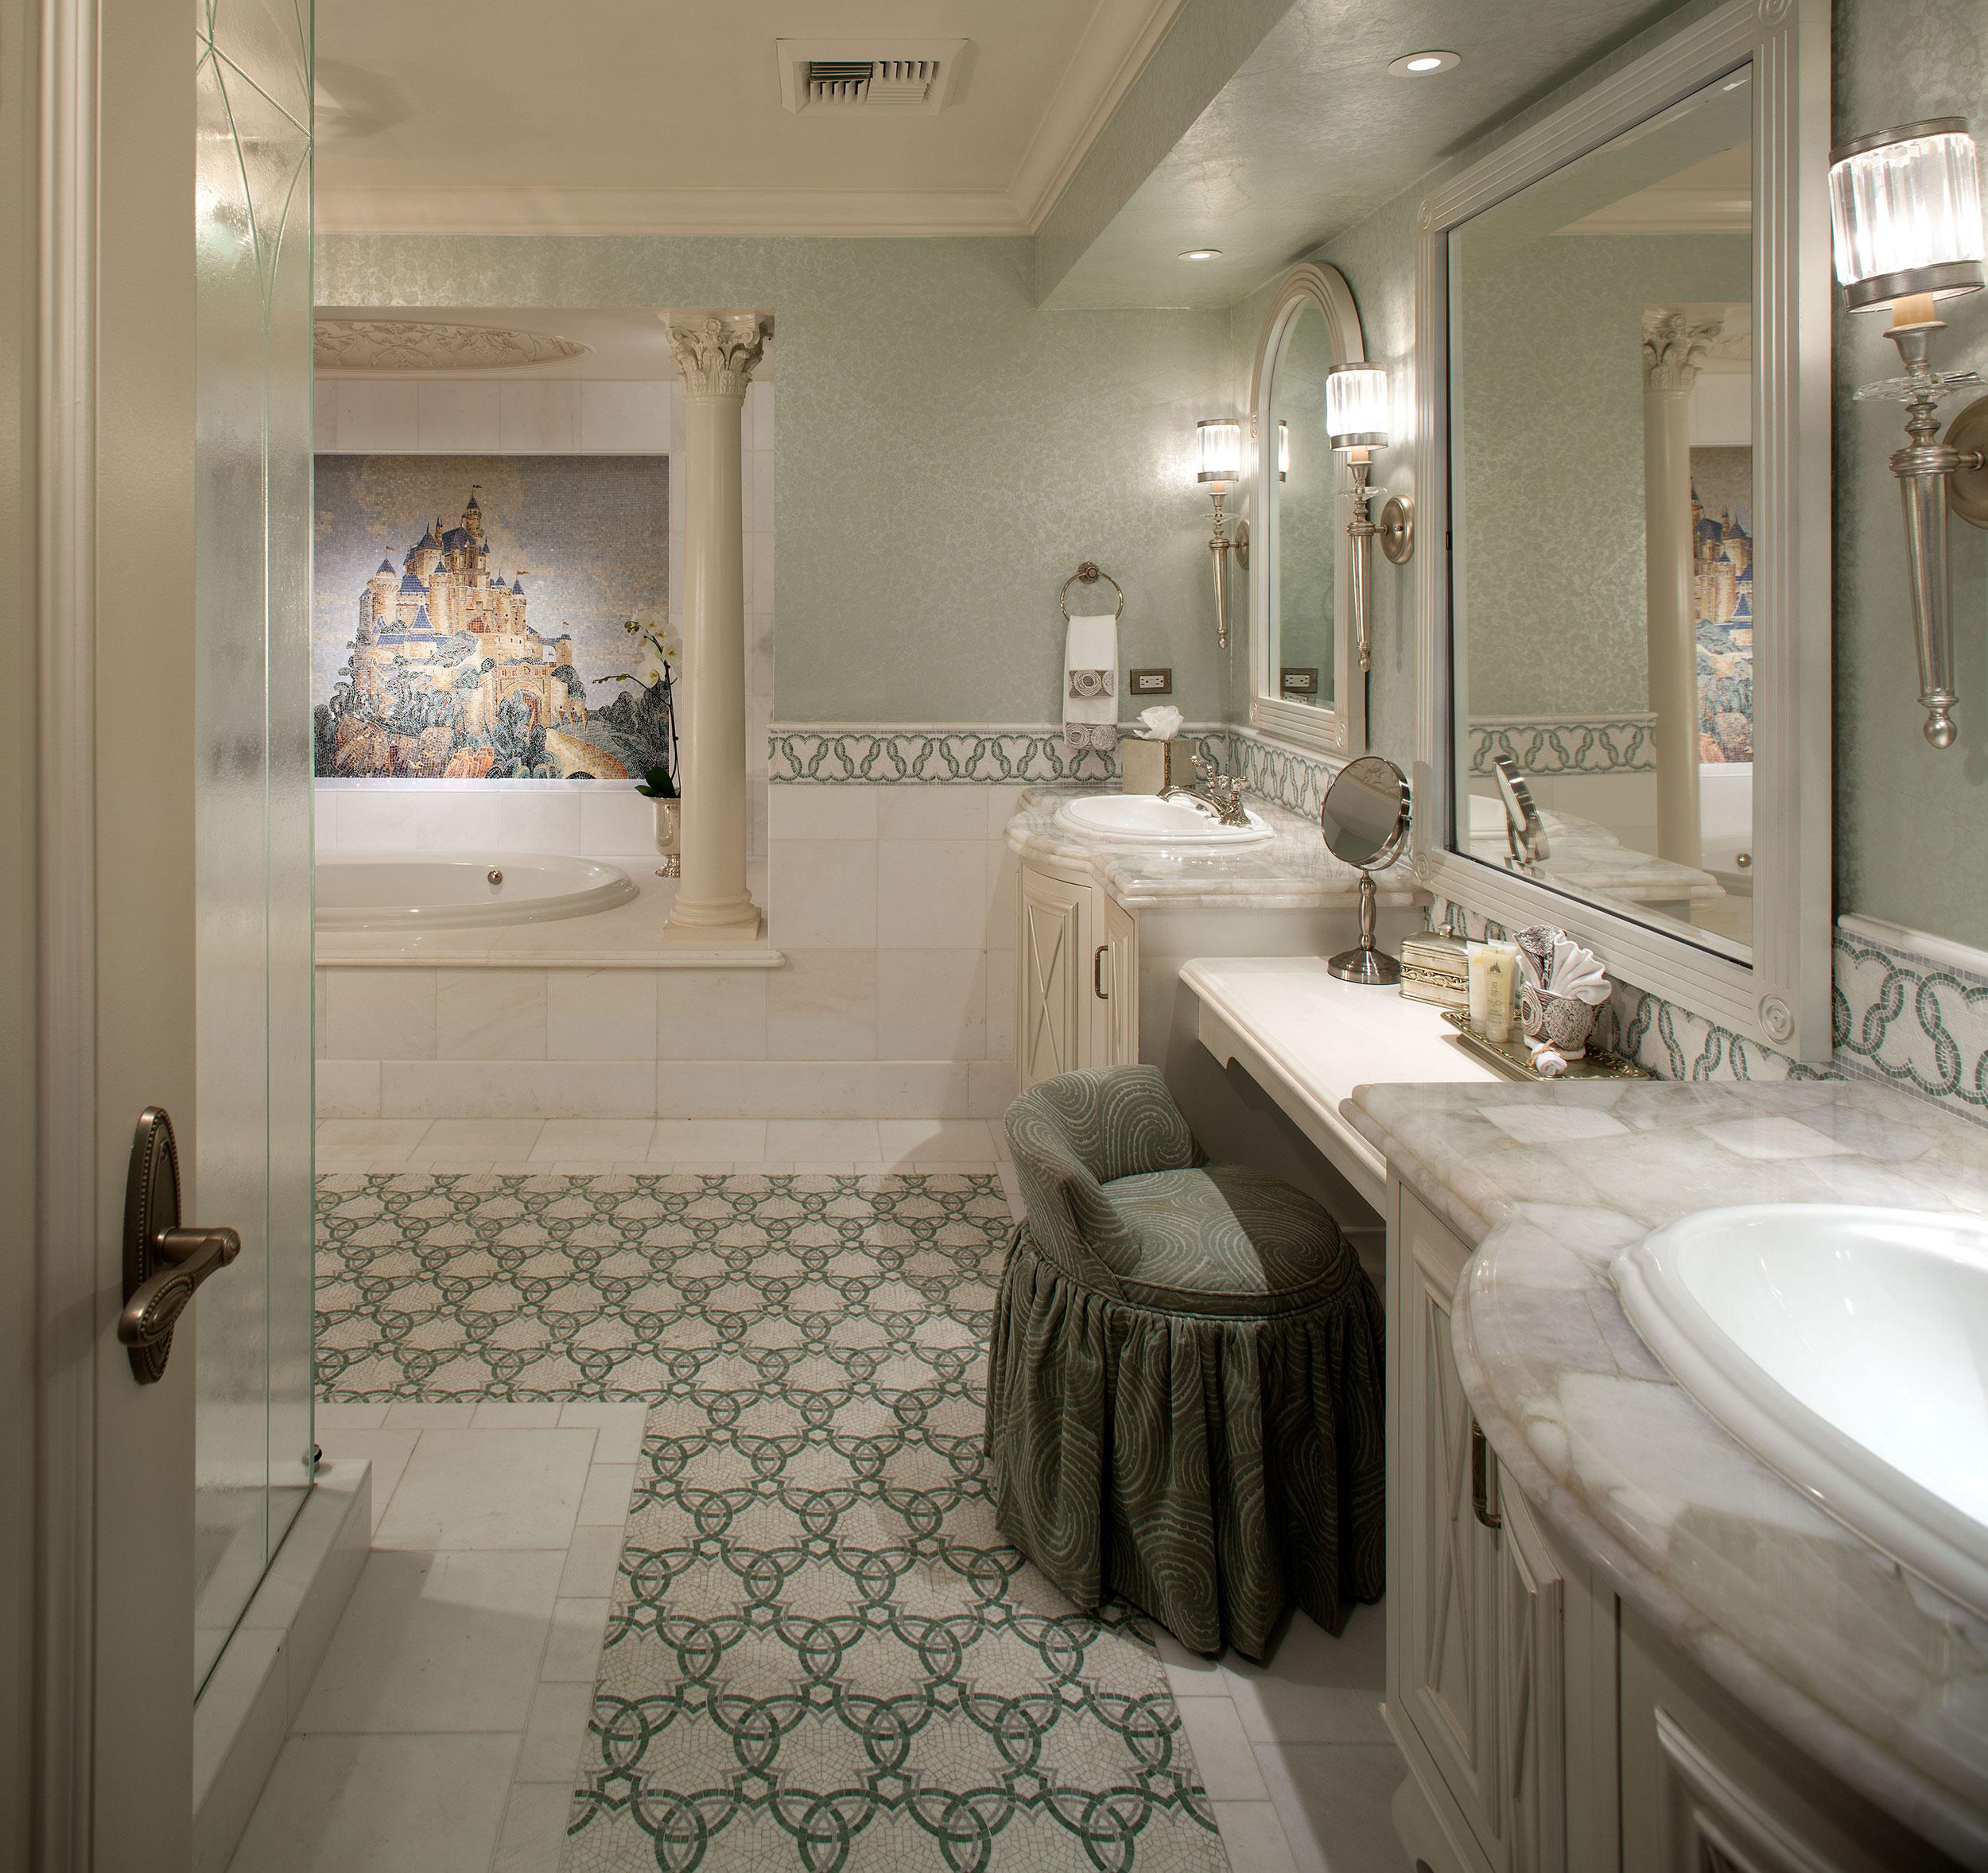 DLH-Fairytale_Bathroom.jpg